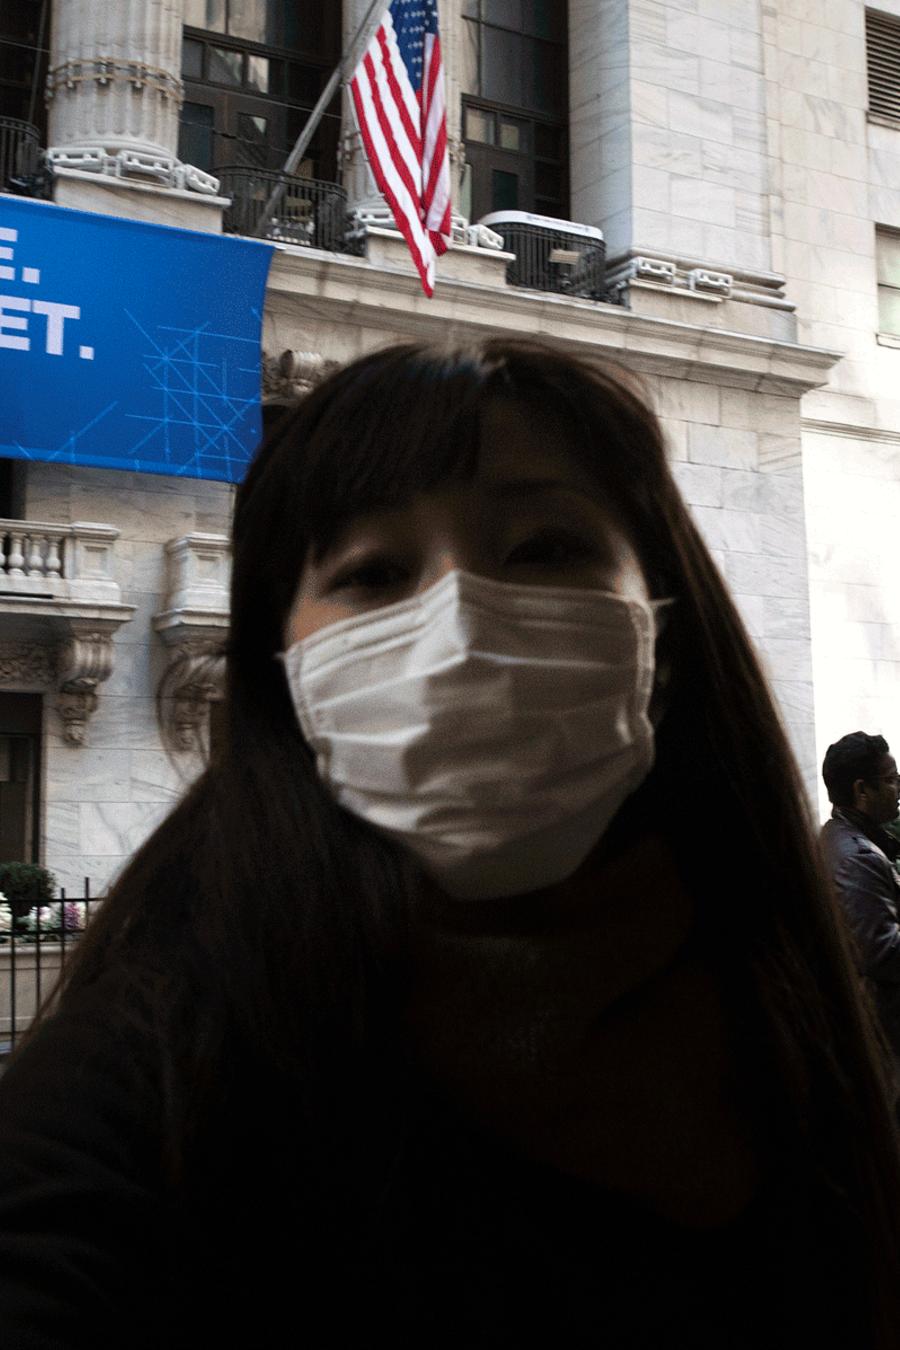 El coronavirus, junto con una guerra de precios por el petróleo, ha afectado la economía mundial.